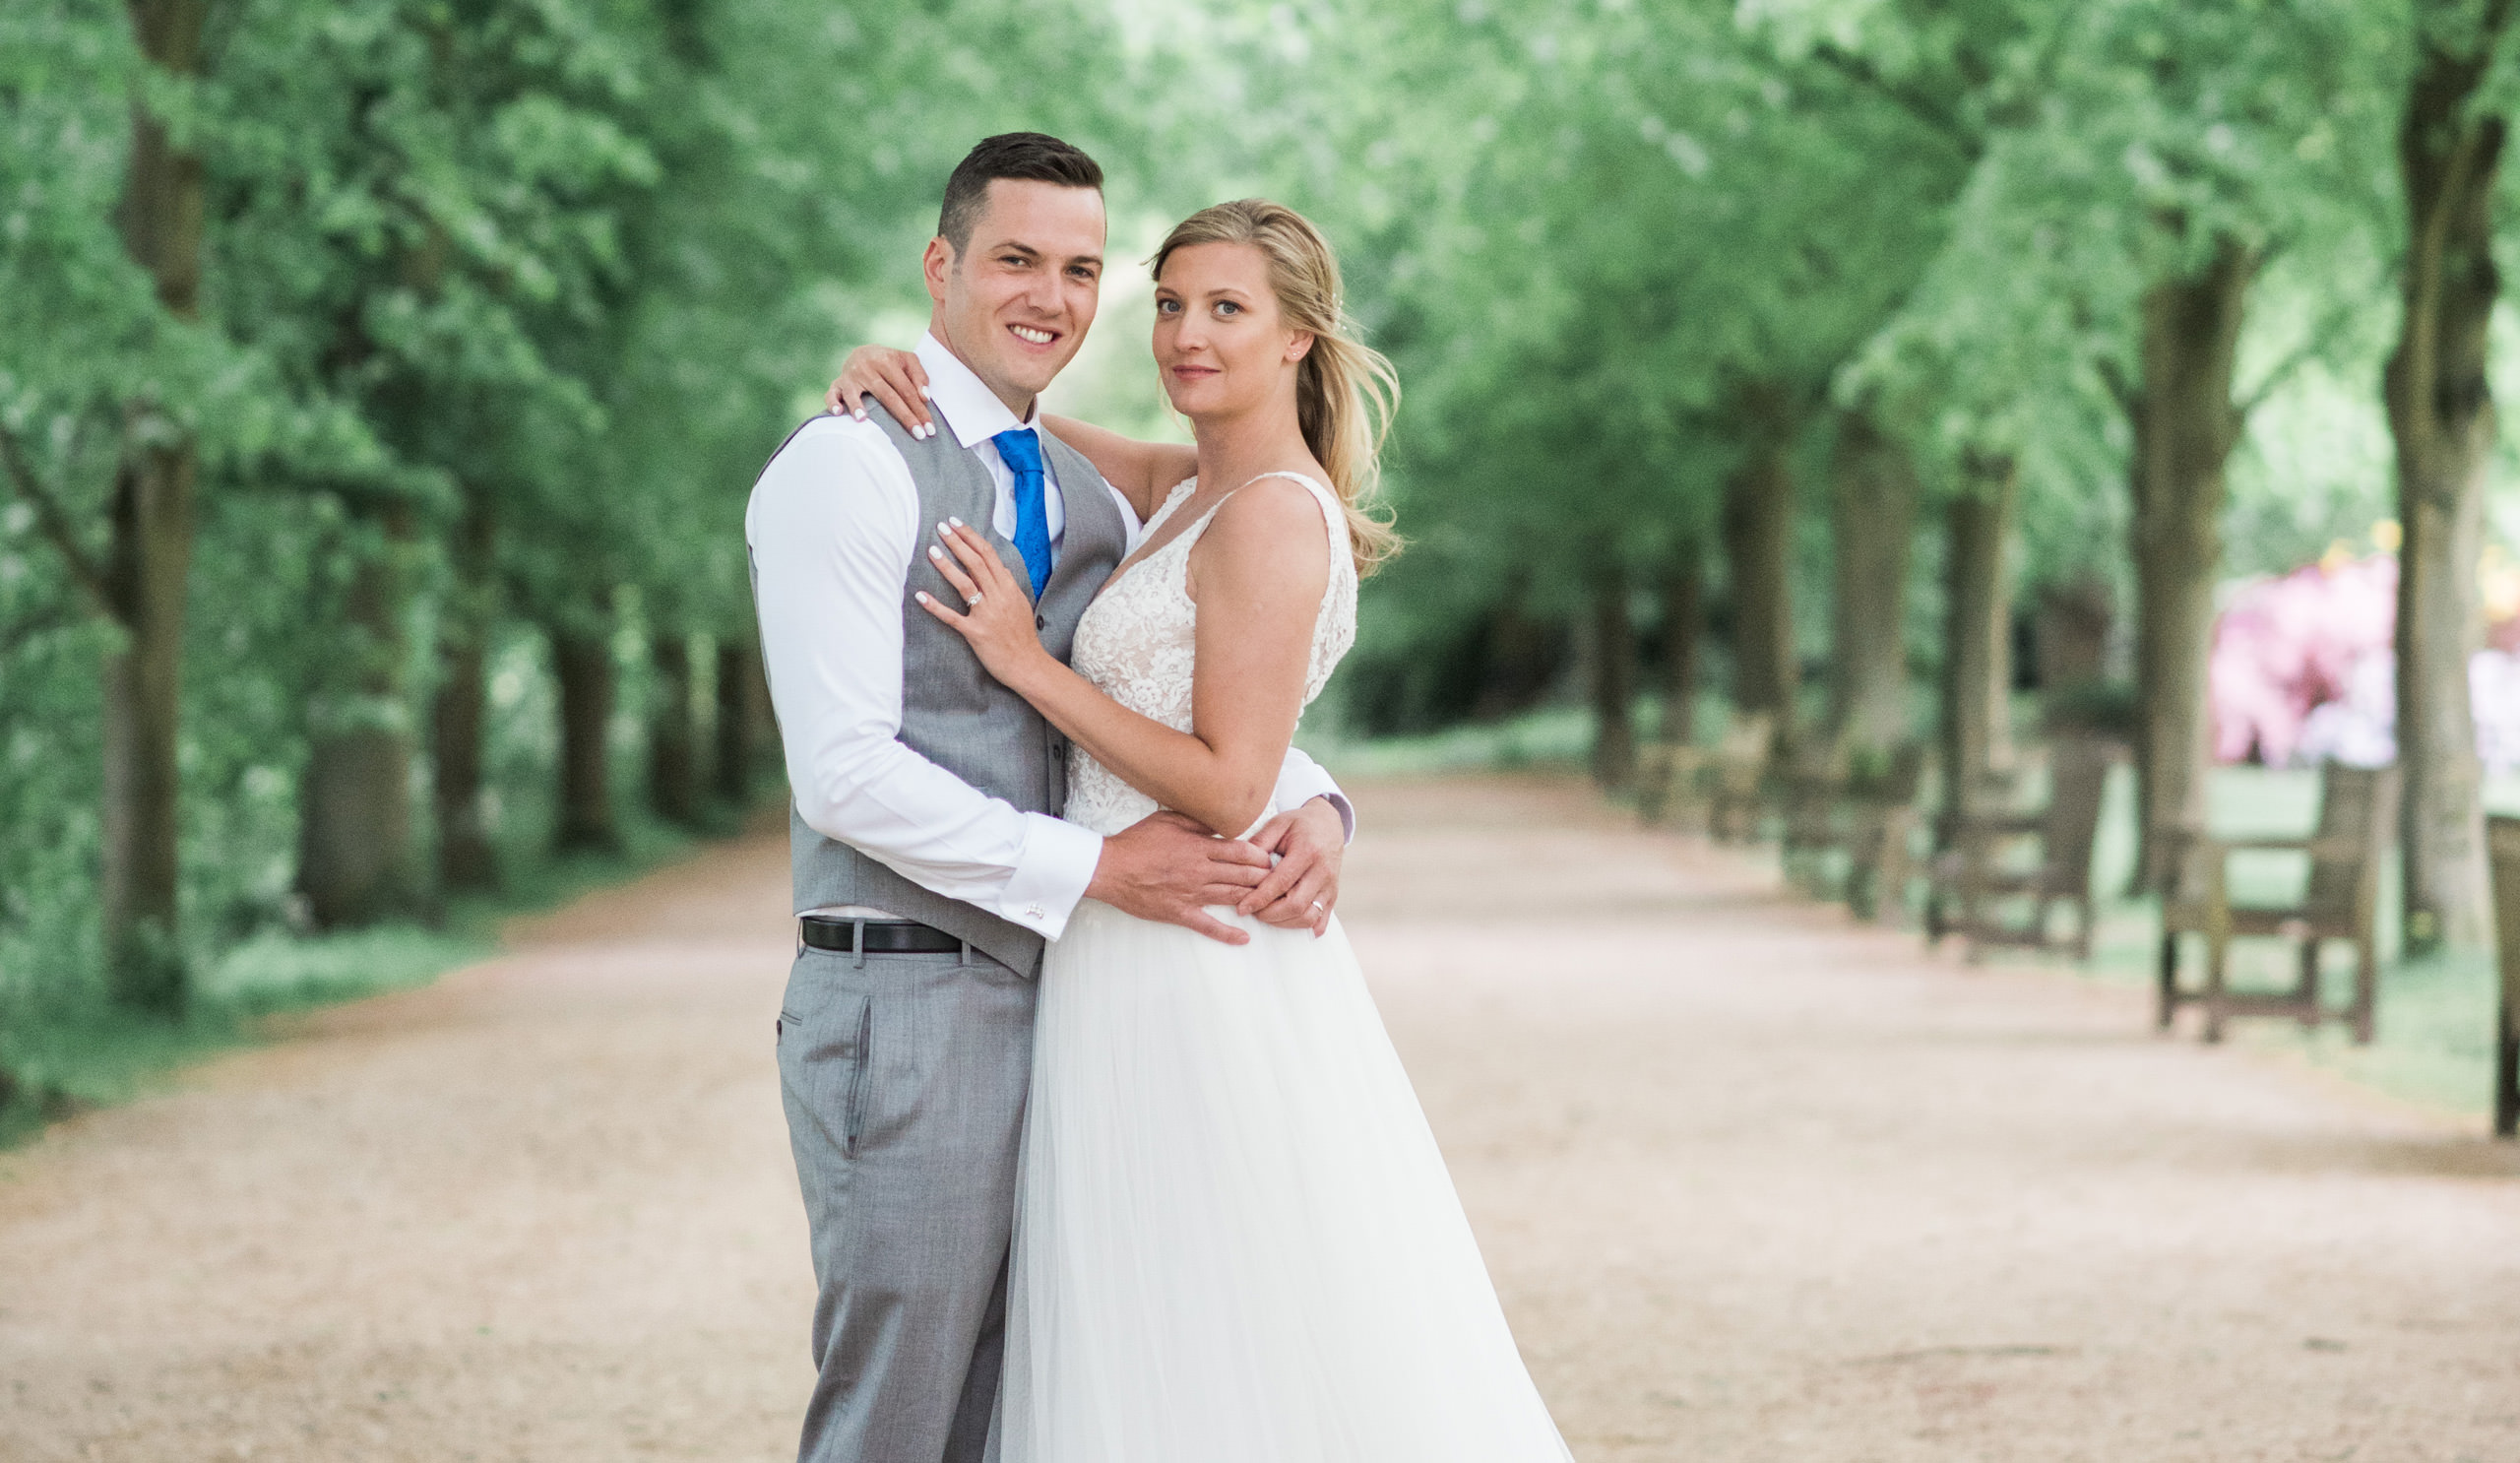 kenwood-house-wedding-bride-and-groom